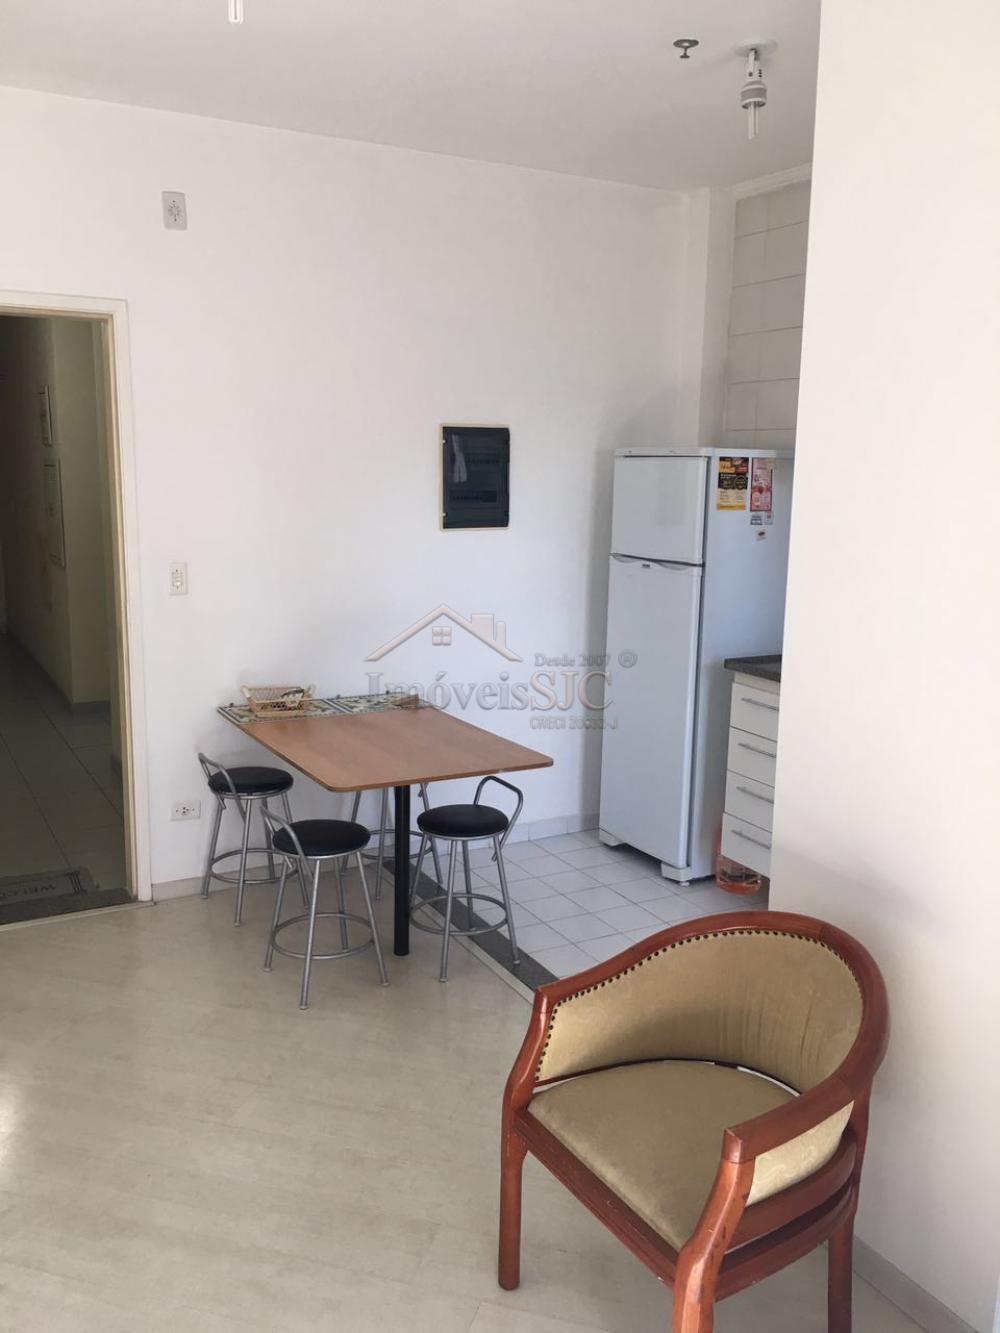 Alugar Apartamentos / Flat em São José dos Campos apenas R$ 1.550,00 - Foto 6